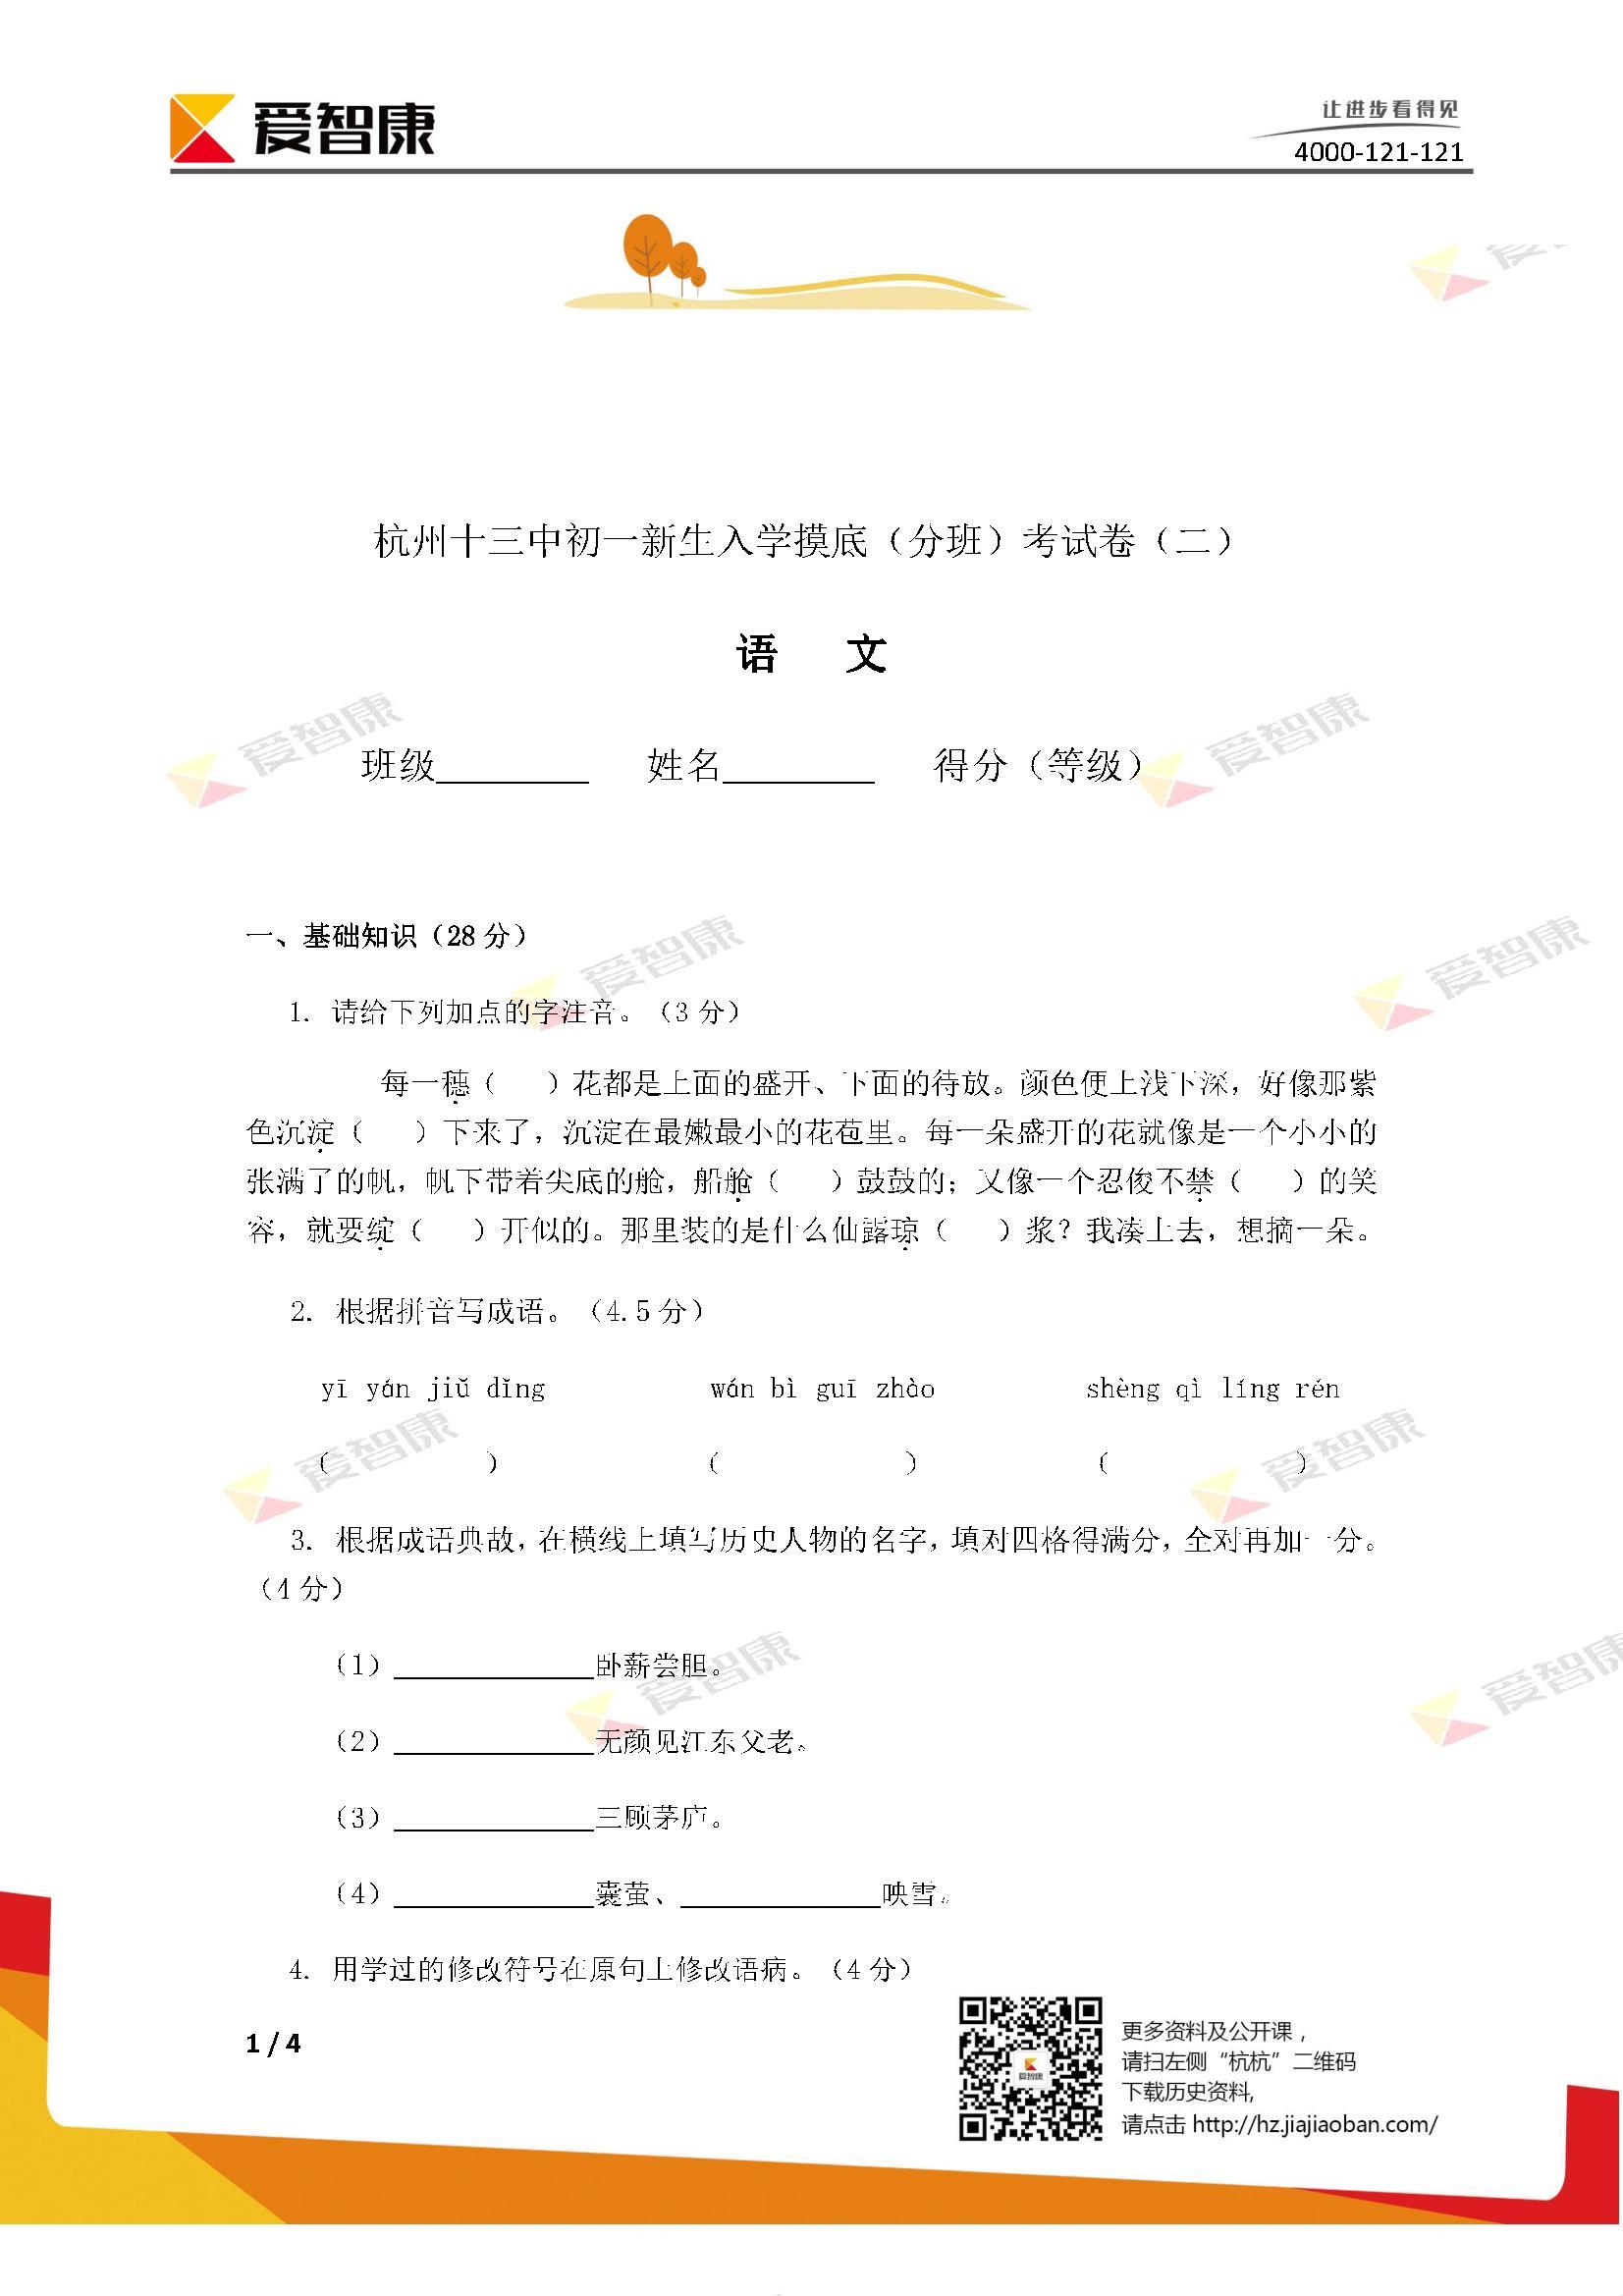 杭州十三中语文分班考试题及答案